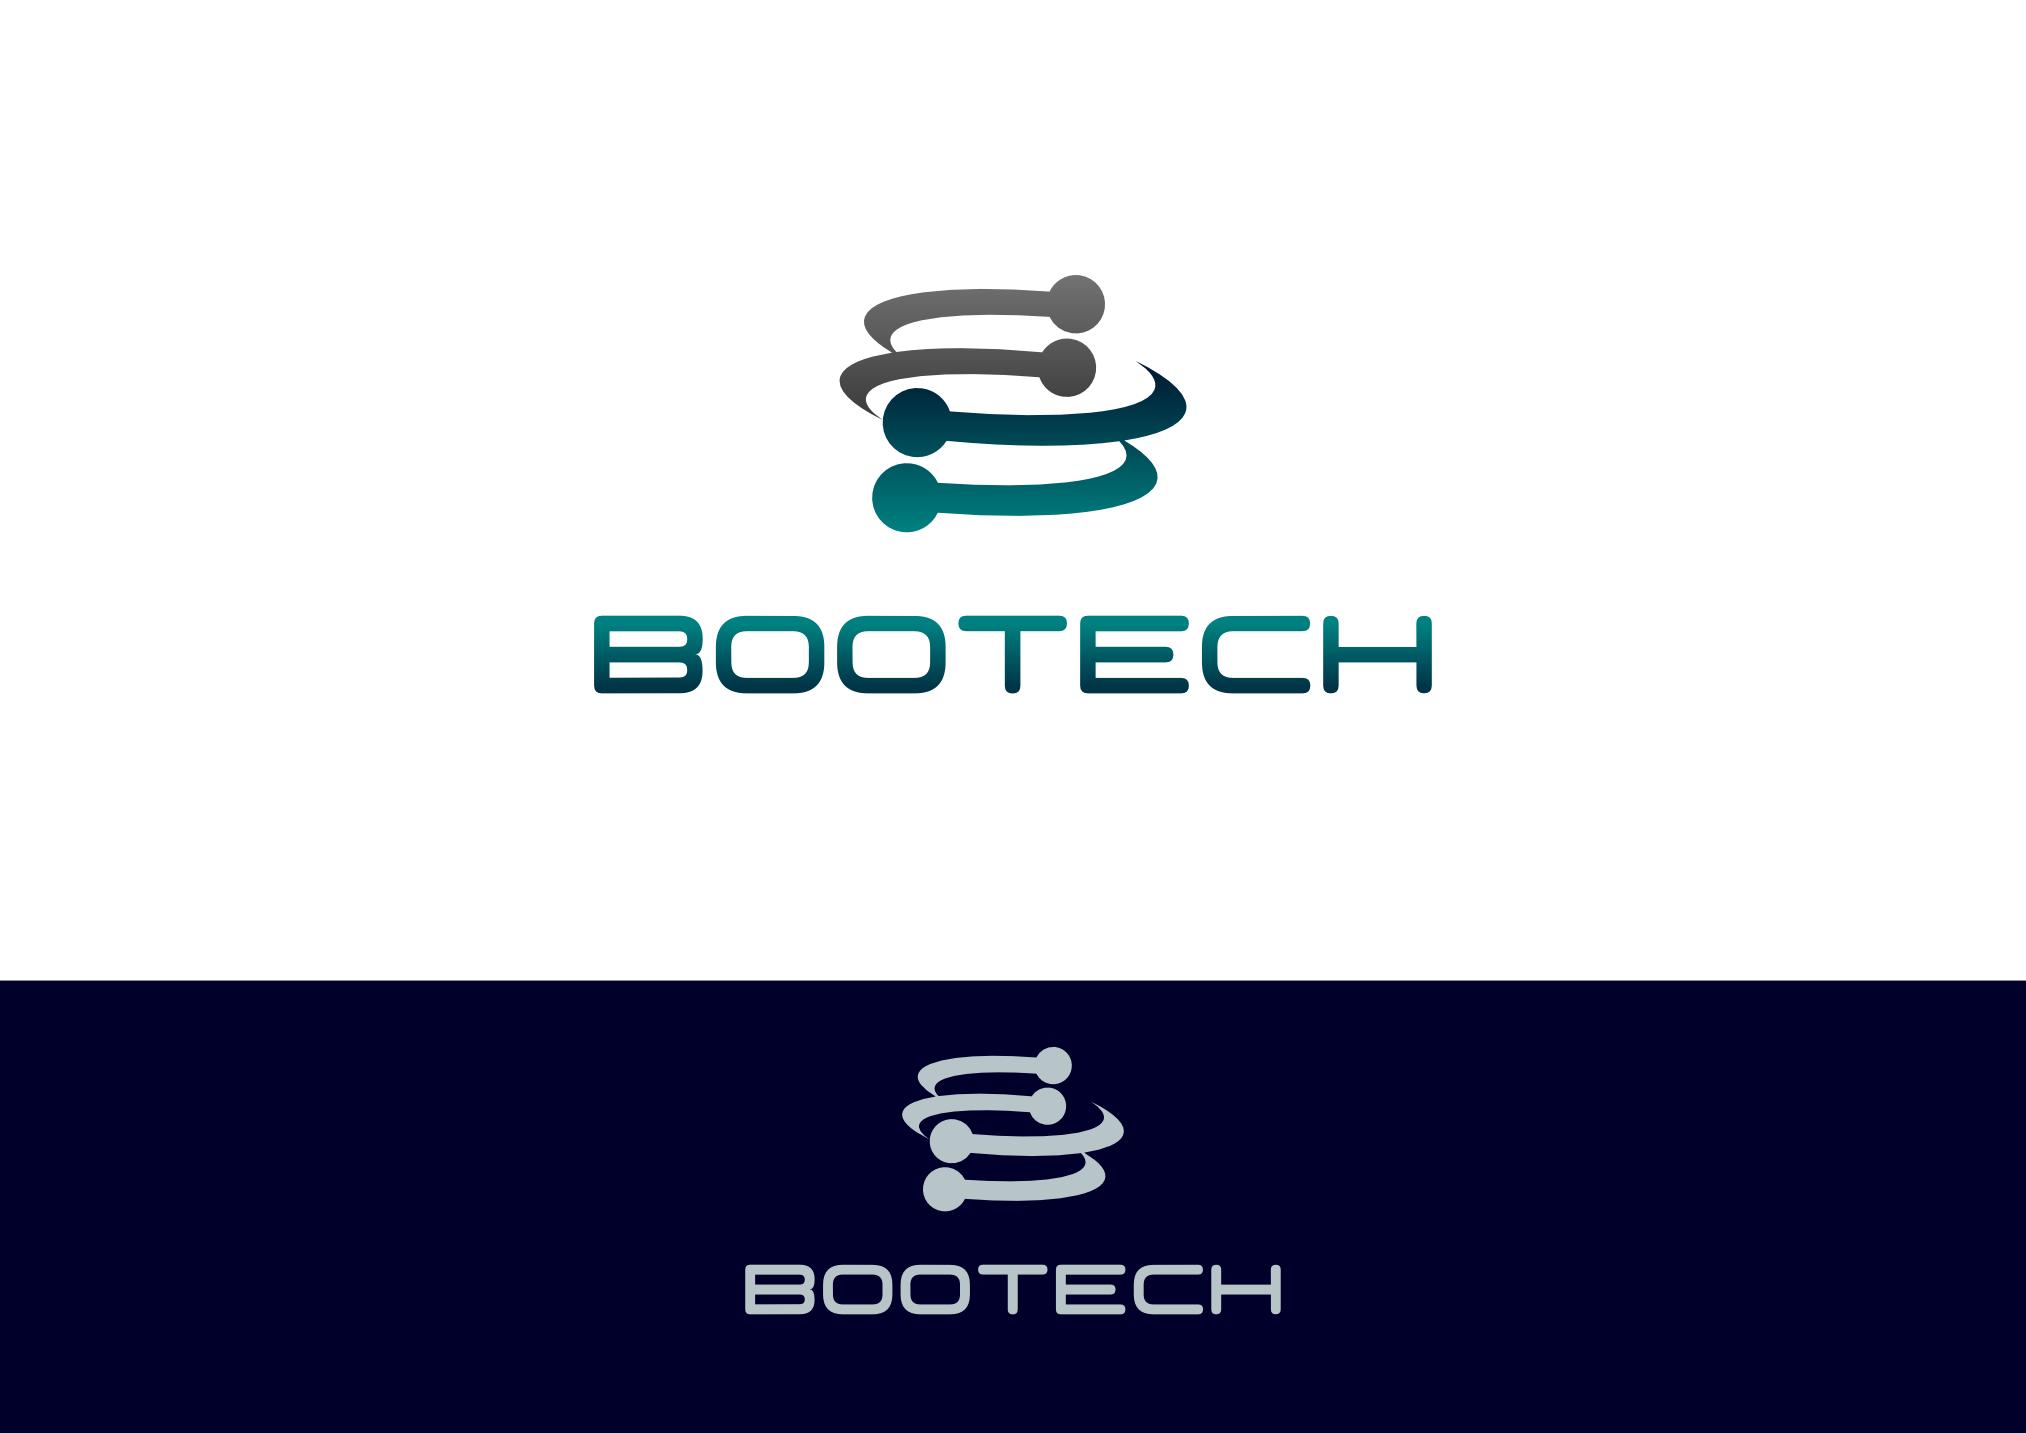 Logo Design by whoosef - Entry No. 24 in the Logo Design Contest Fun Logo Design for Bootech.